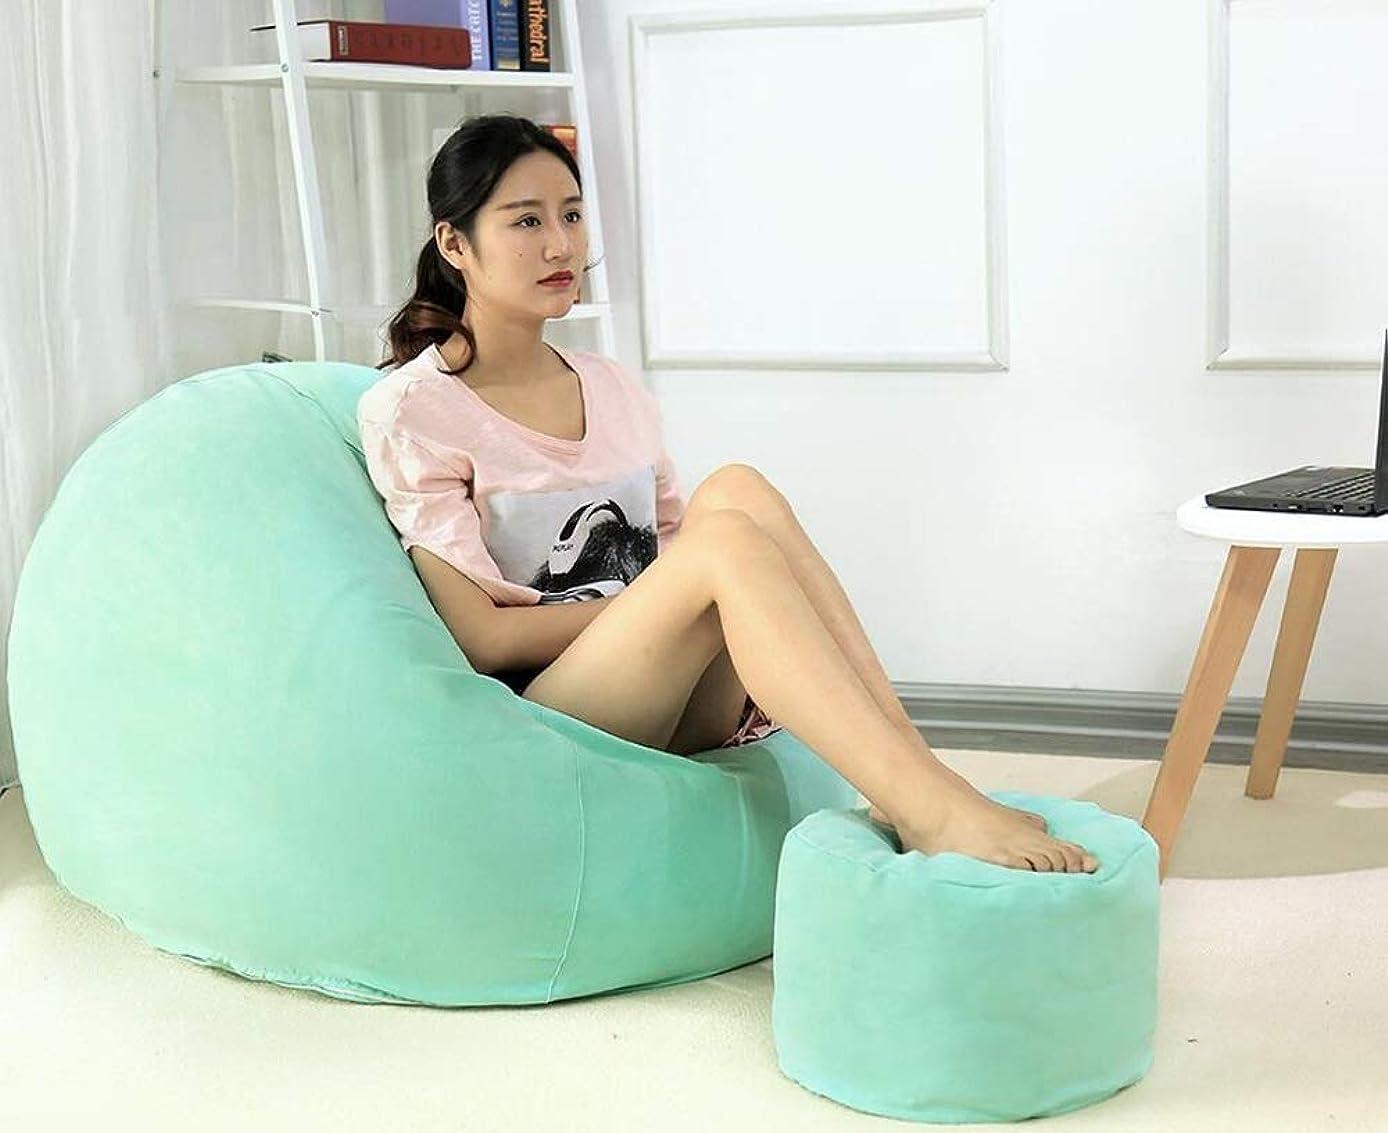 歴史家真似る揃えるLWT チェア ビーンバッグ怠惰なソファシングル畳綿とリネン席寝室のリビングルームクリエイティブファッション背もたれソファ様々なスタイル取り外し可能と洗える (Color : Mint green, Size : L)